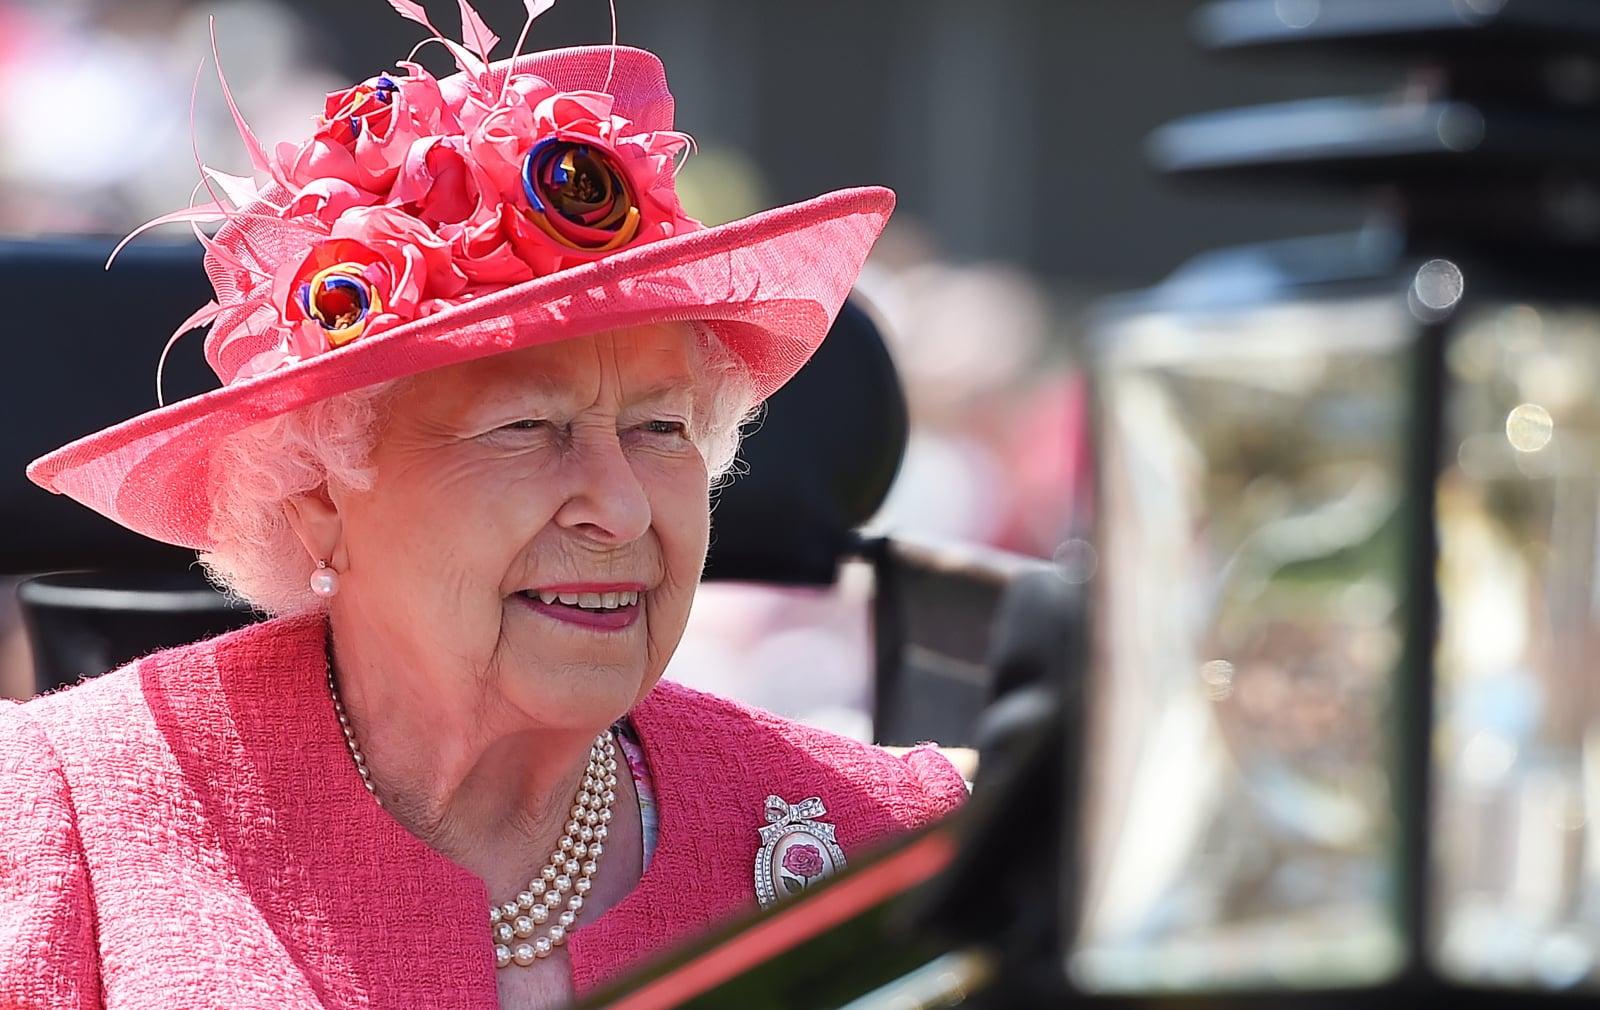 Królowa Elżbieta w dzisiejszej kreacji fot. EPA/ANDY RAIN  Dostawca: PAP/EPA.